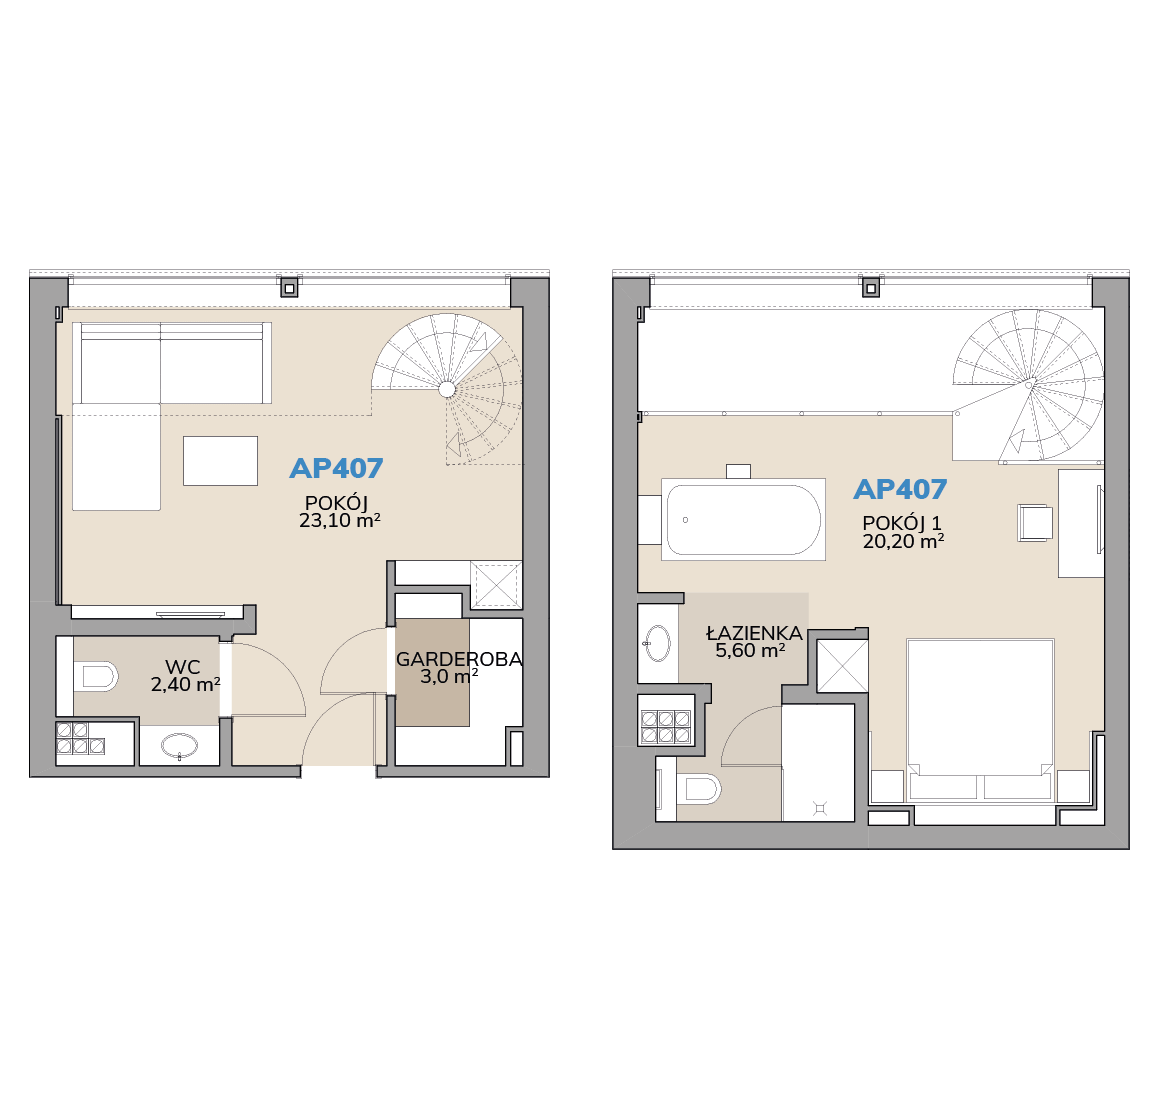 Apartament AP407